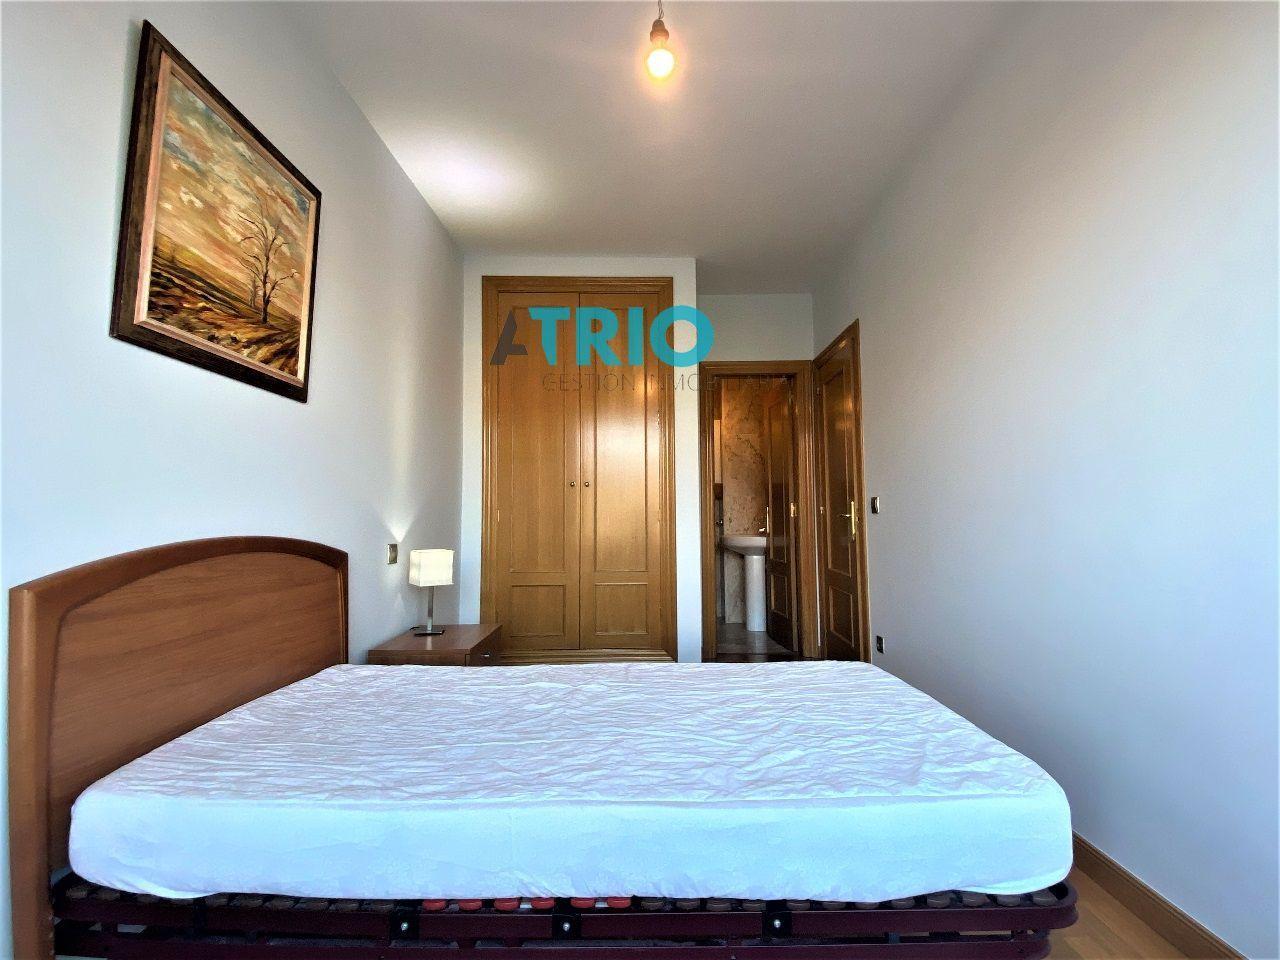 dia.mobiliagestion.es/Portals/inmoatrio/Images/6446/4132023